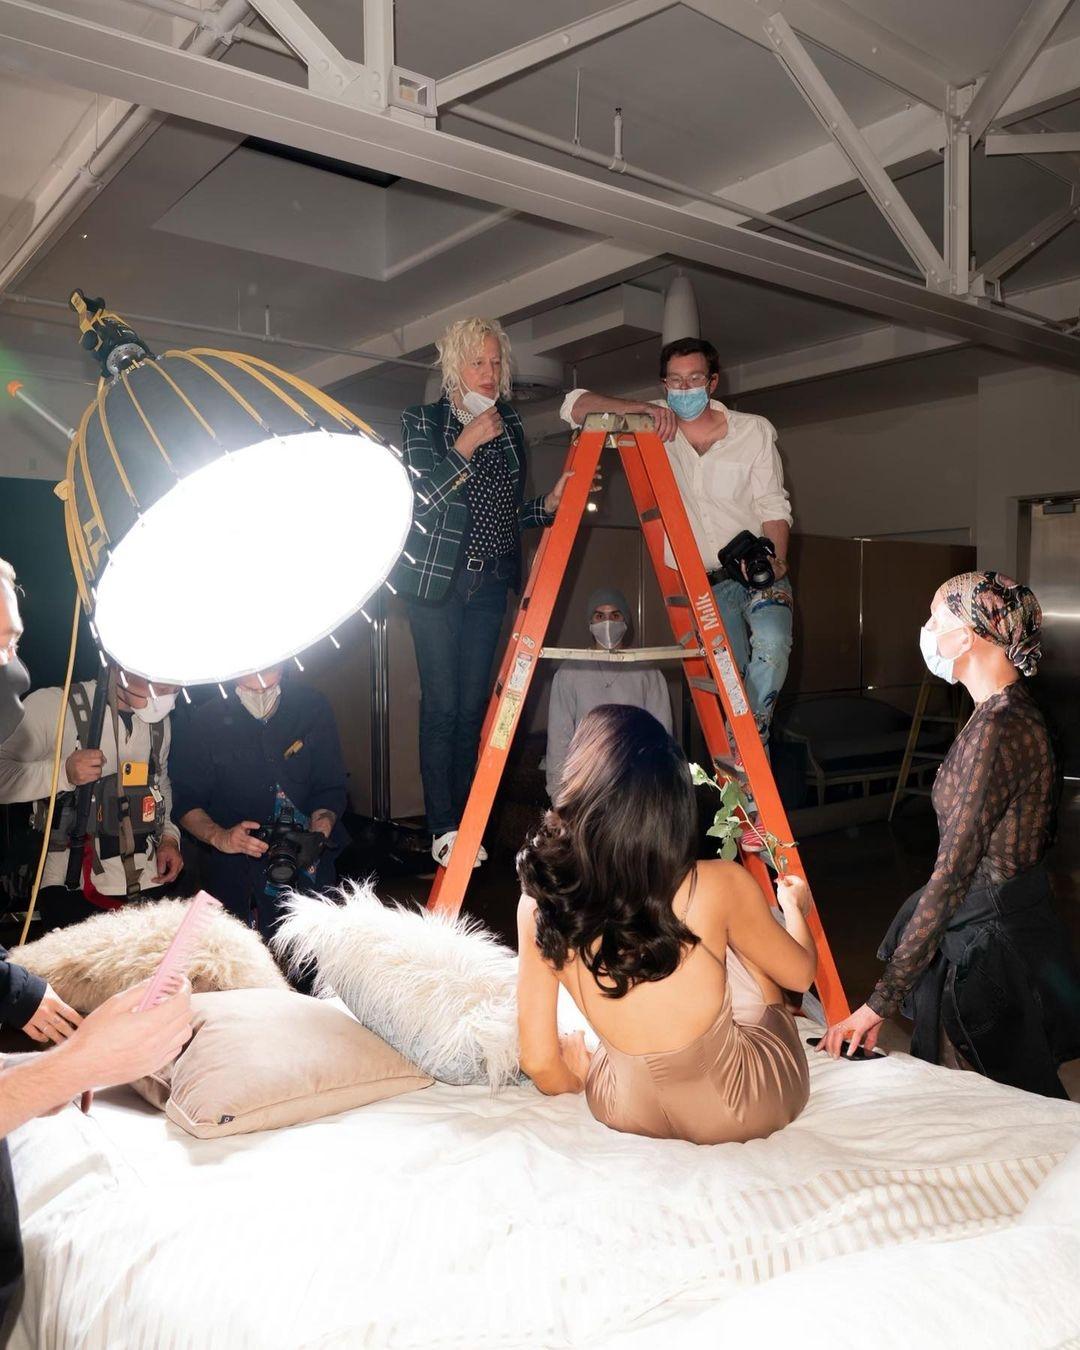 Сексуально и изысканно: бренд Ким Кардашьян Skims выпустил новую коллекцию одежды для дома и сна - фото №4